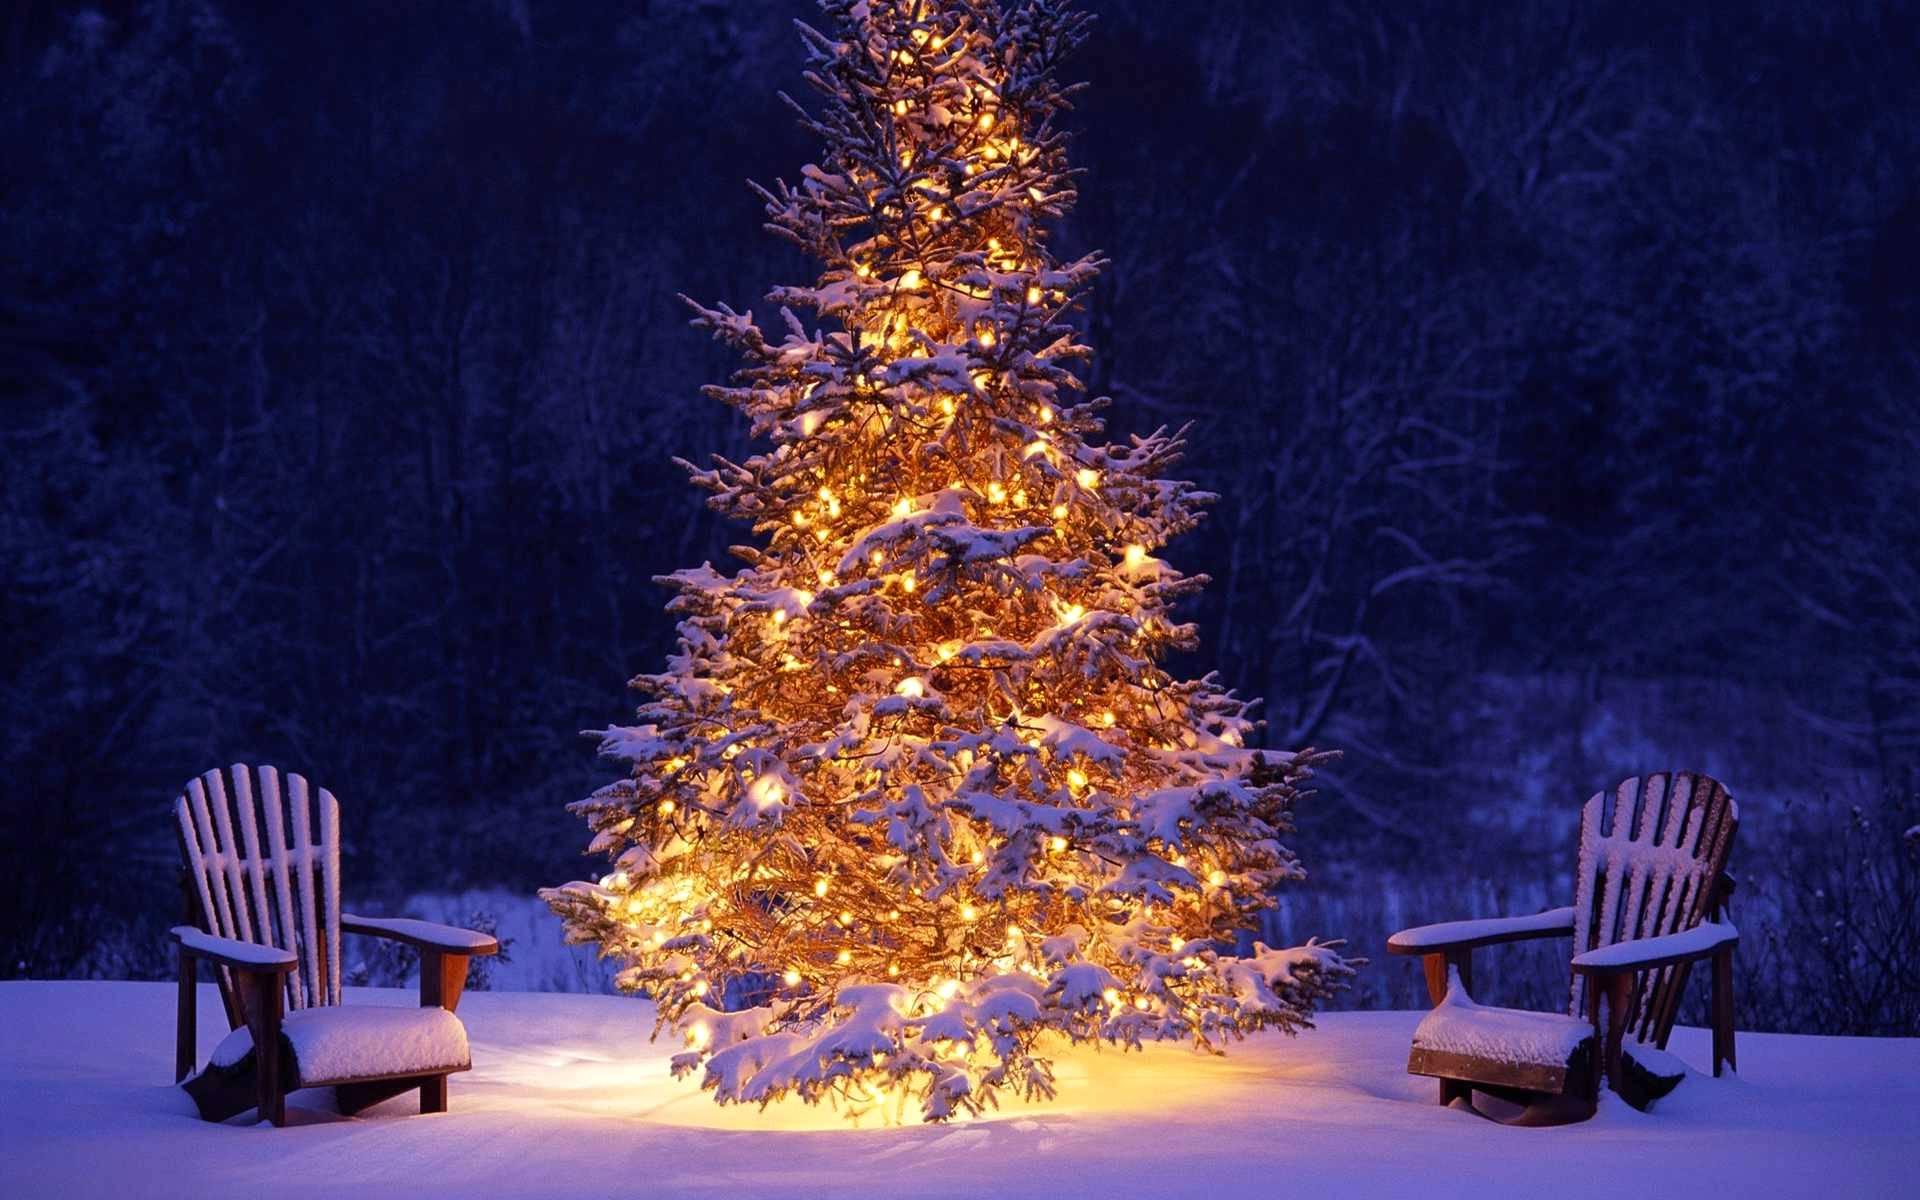 8 Cose Interessanti Sullalbero Di Natale Le Origini La Storia E